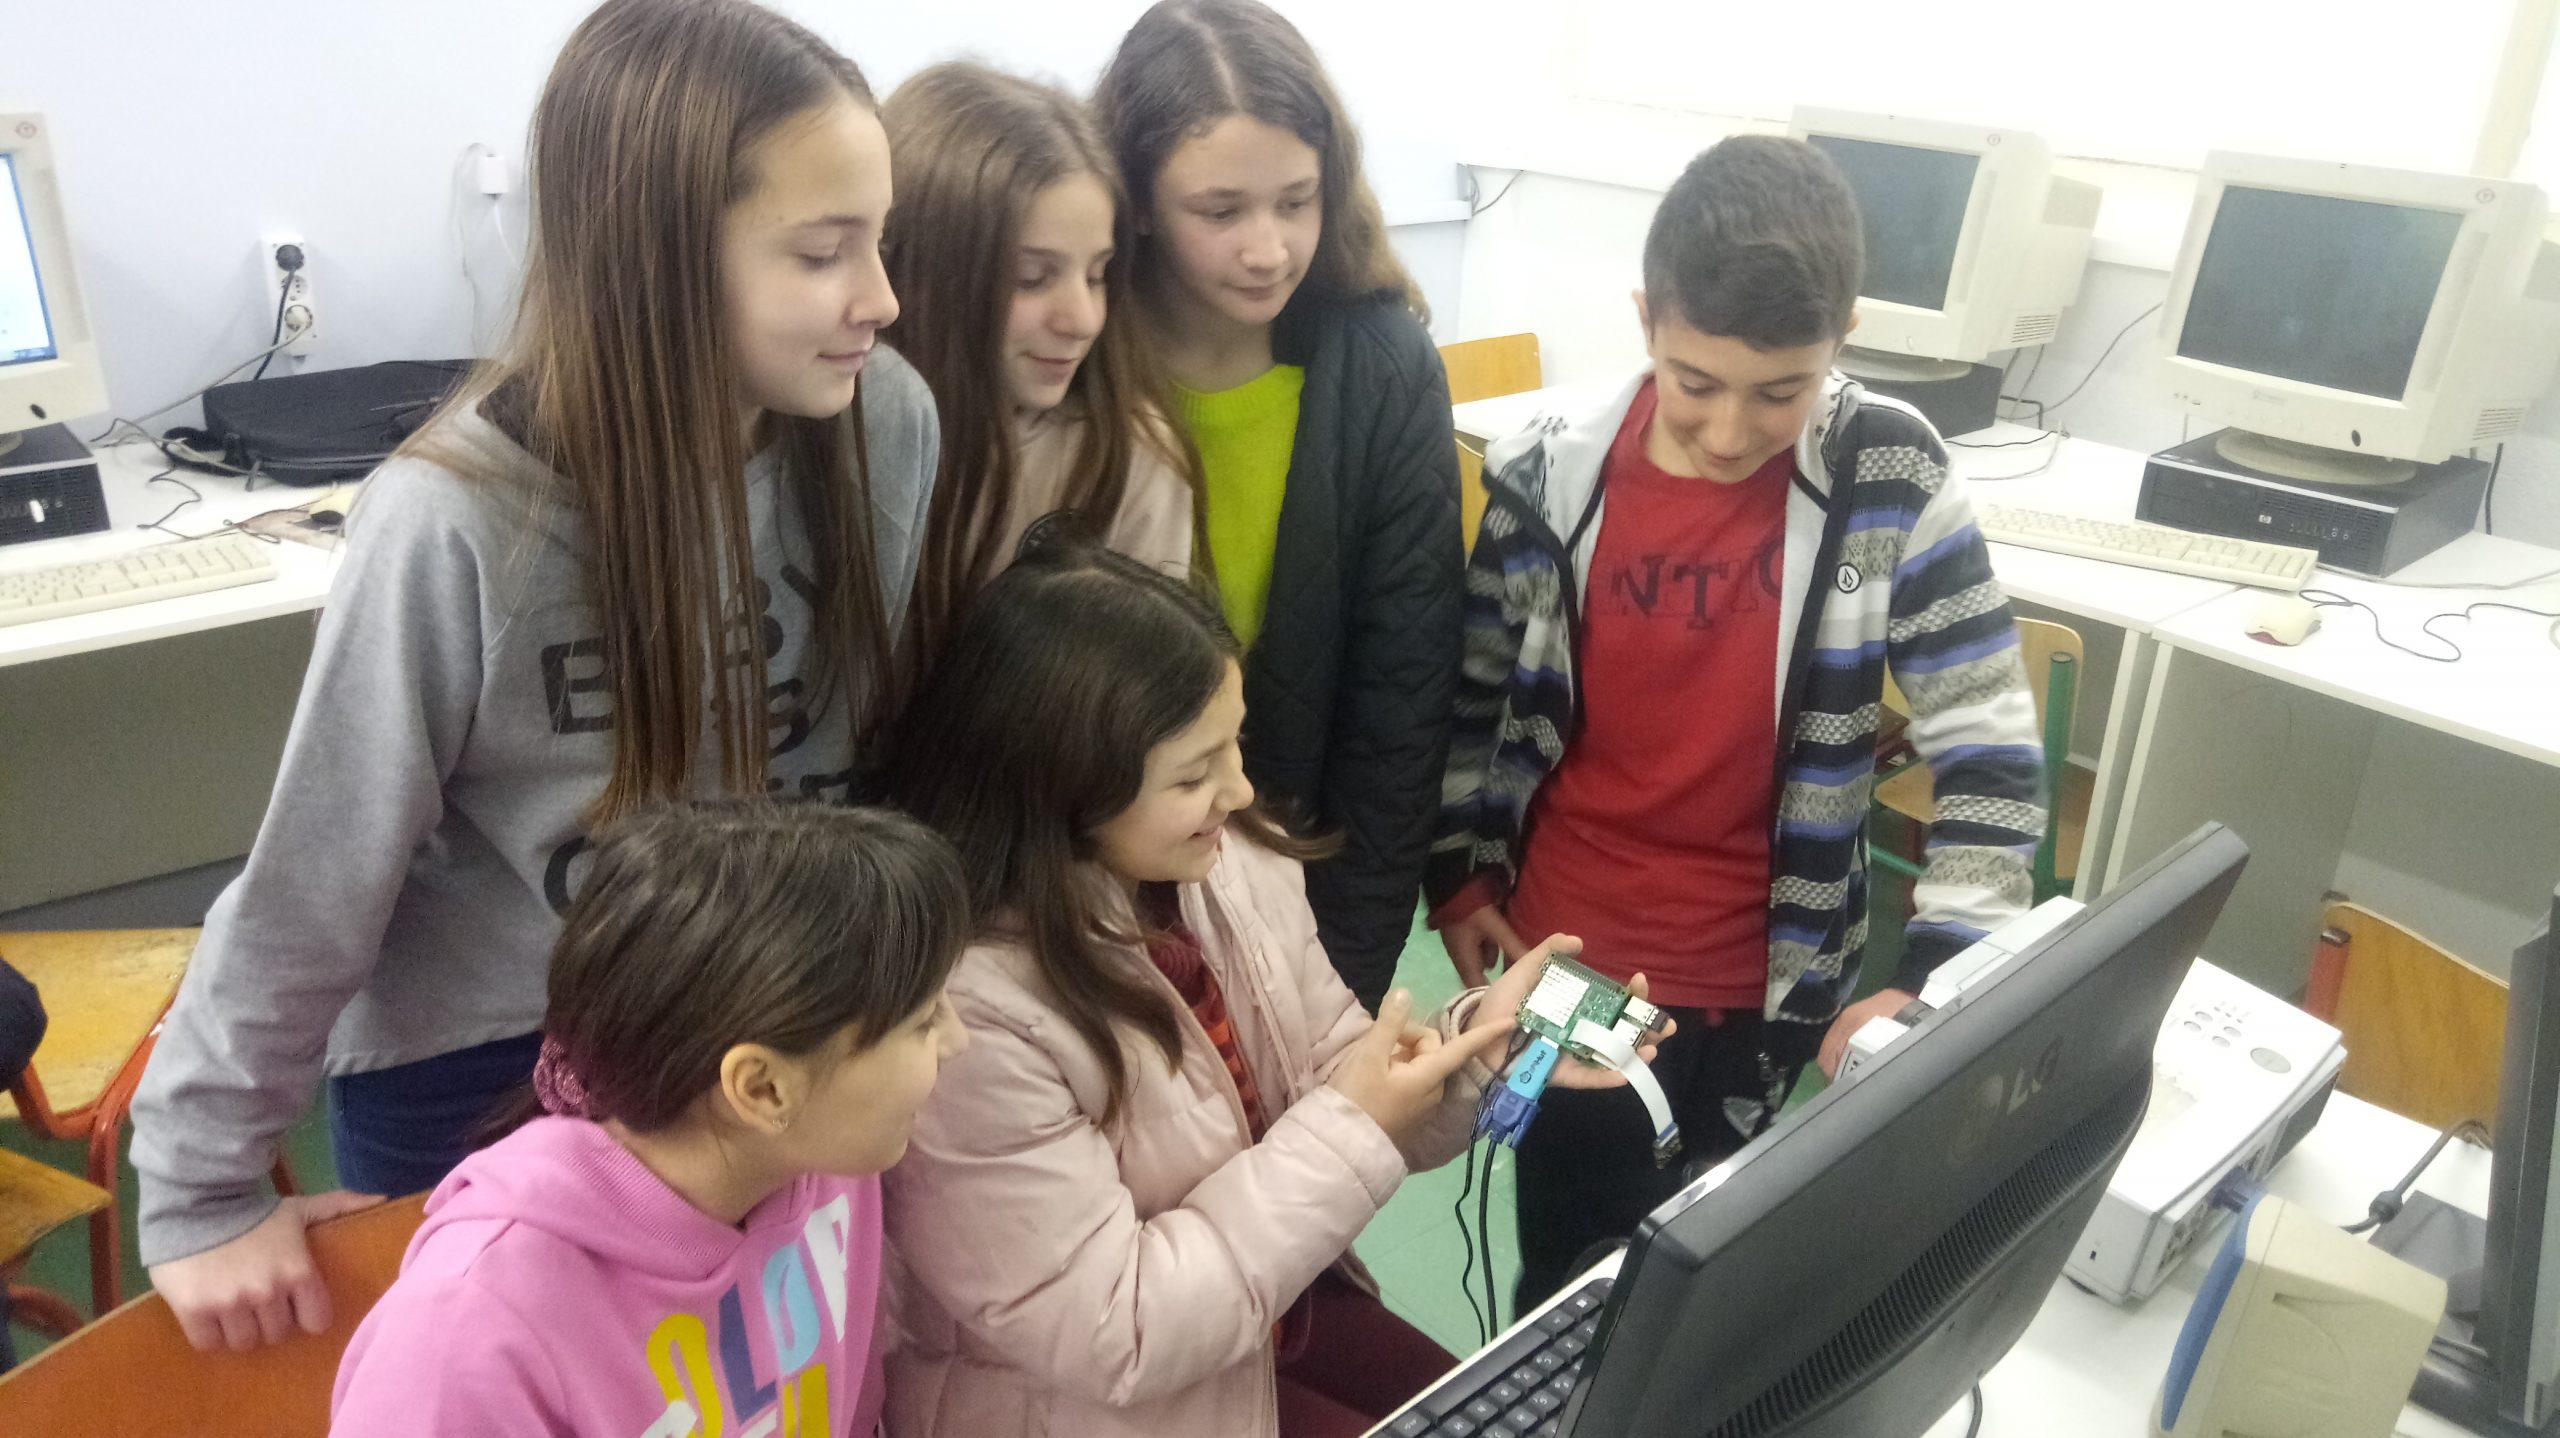 Αστροναύτες θα διεξάγουν πείραμα μαθητών Δημοτικού Σχολείου του Αγρινίου!